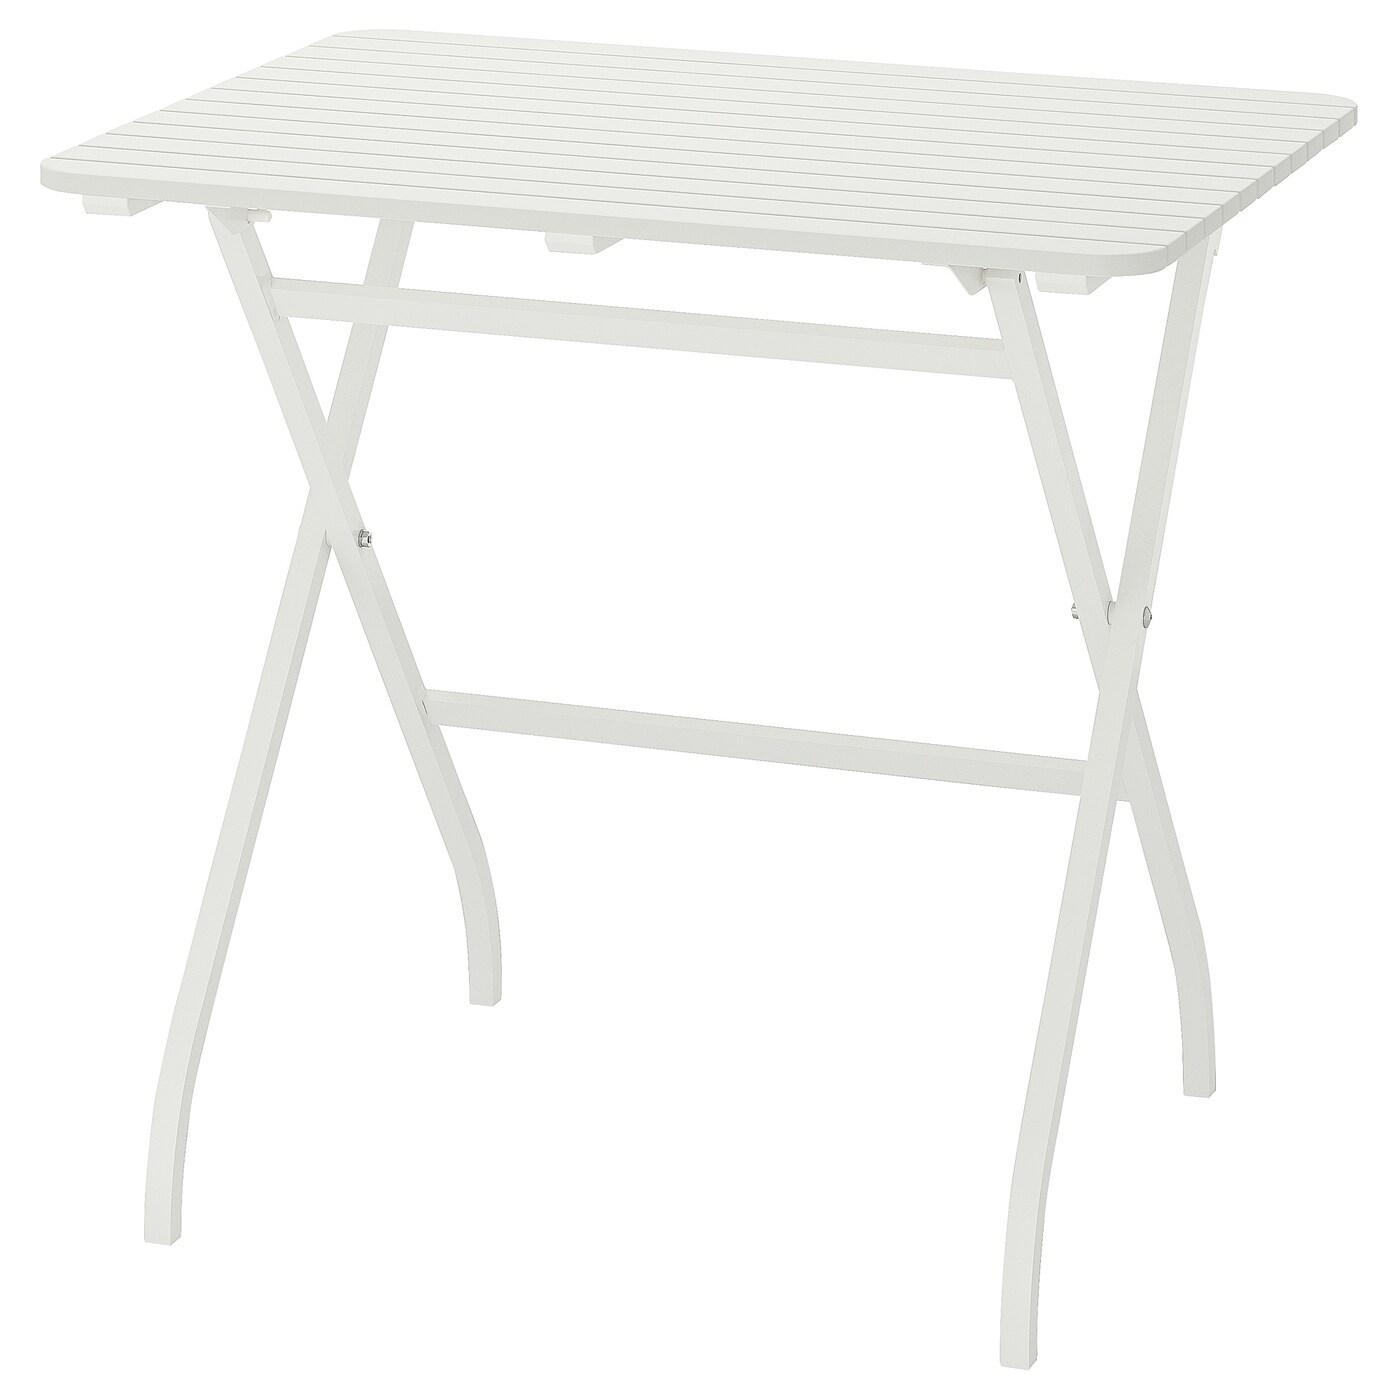 Malaro Table Outdoor Foldable White White 80x62 Cm Ikea